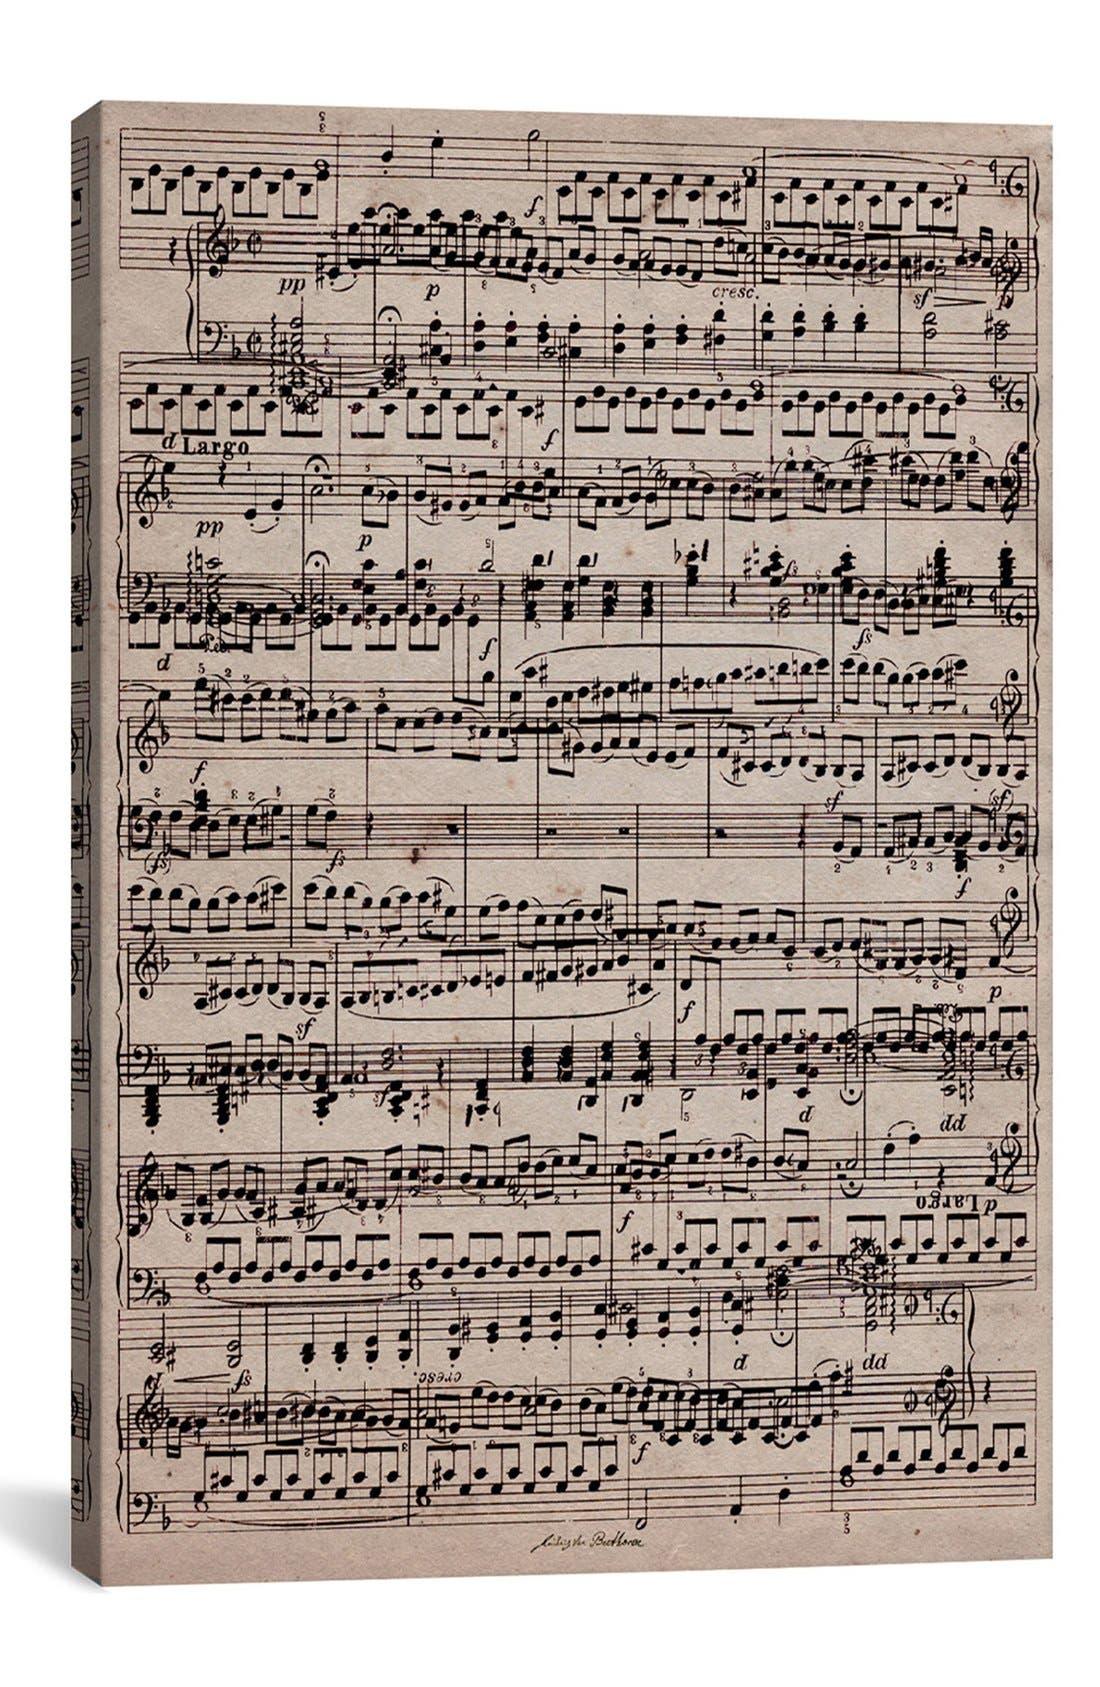 iCanvas 'Sheet Music' Giclée Print Canvas Art